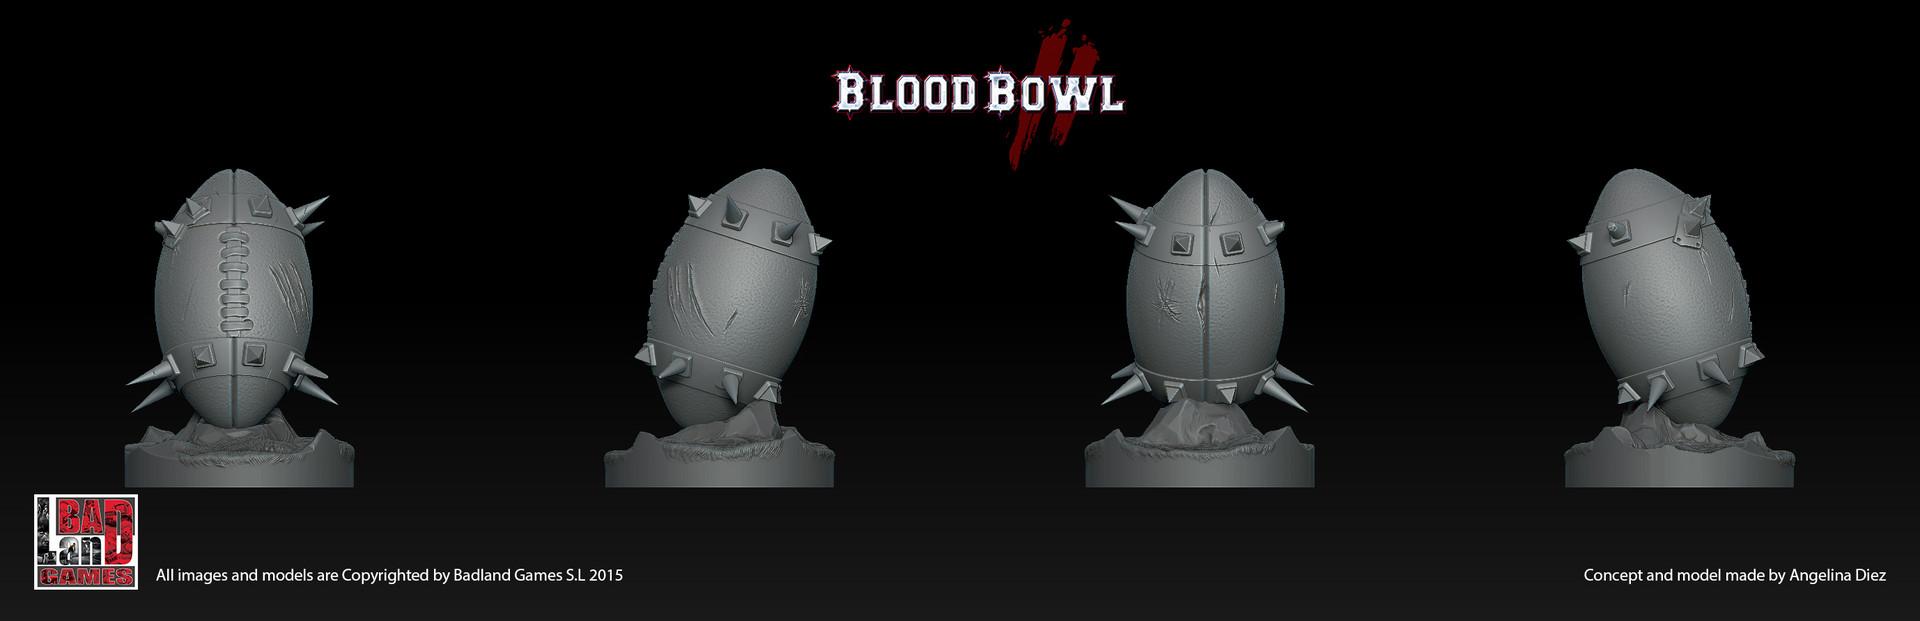 Angelina diez bloodbowl ball01